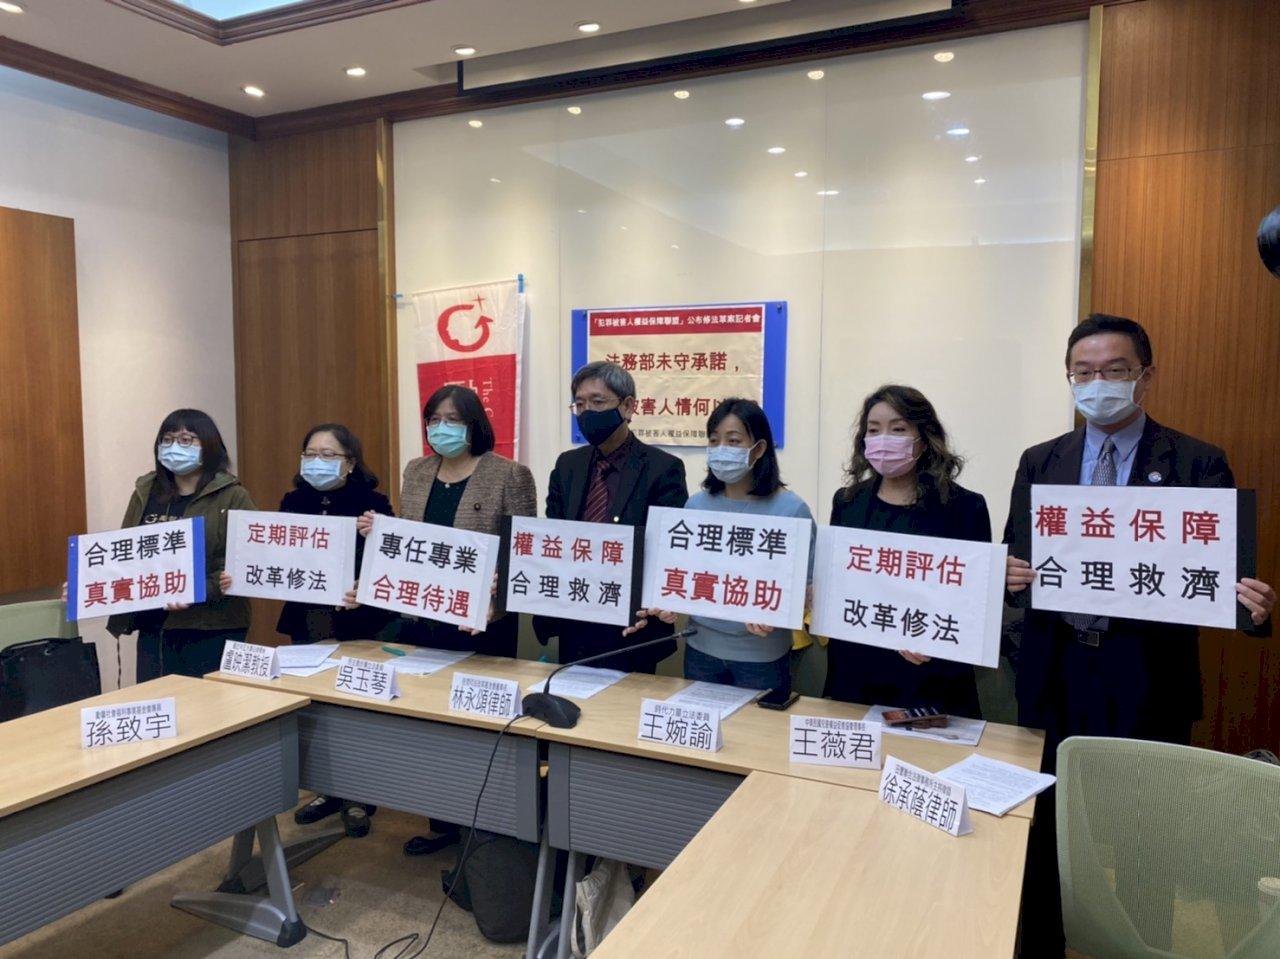 民團呼籲法務部速修犯保法 組織應採公辦民營